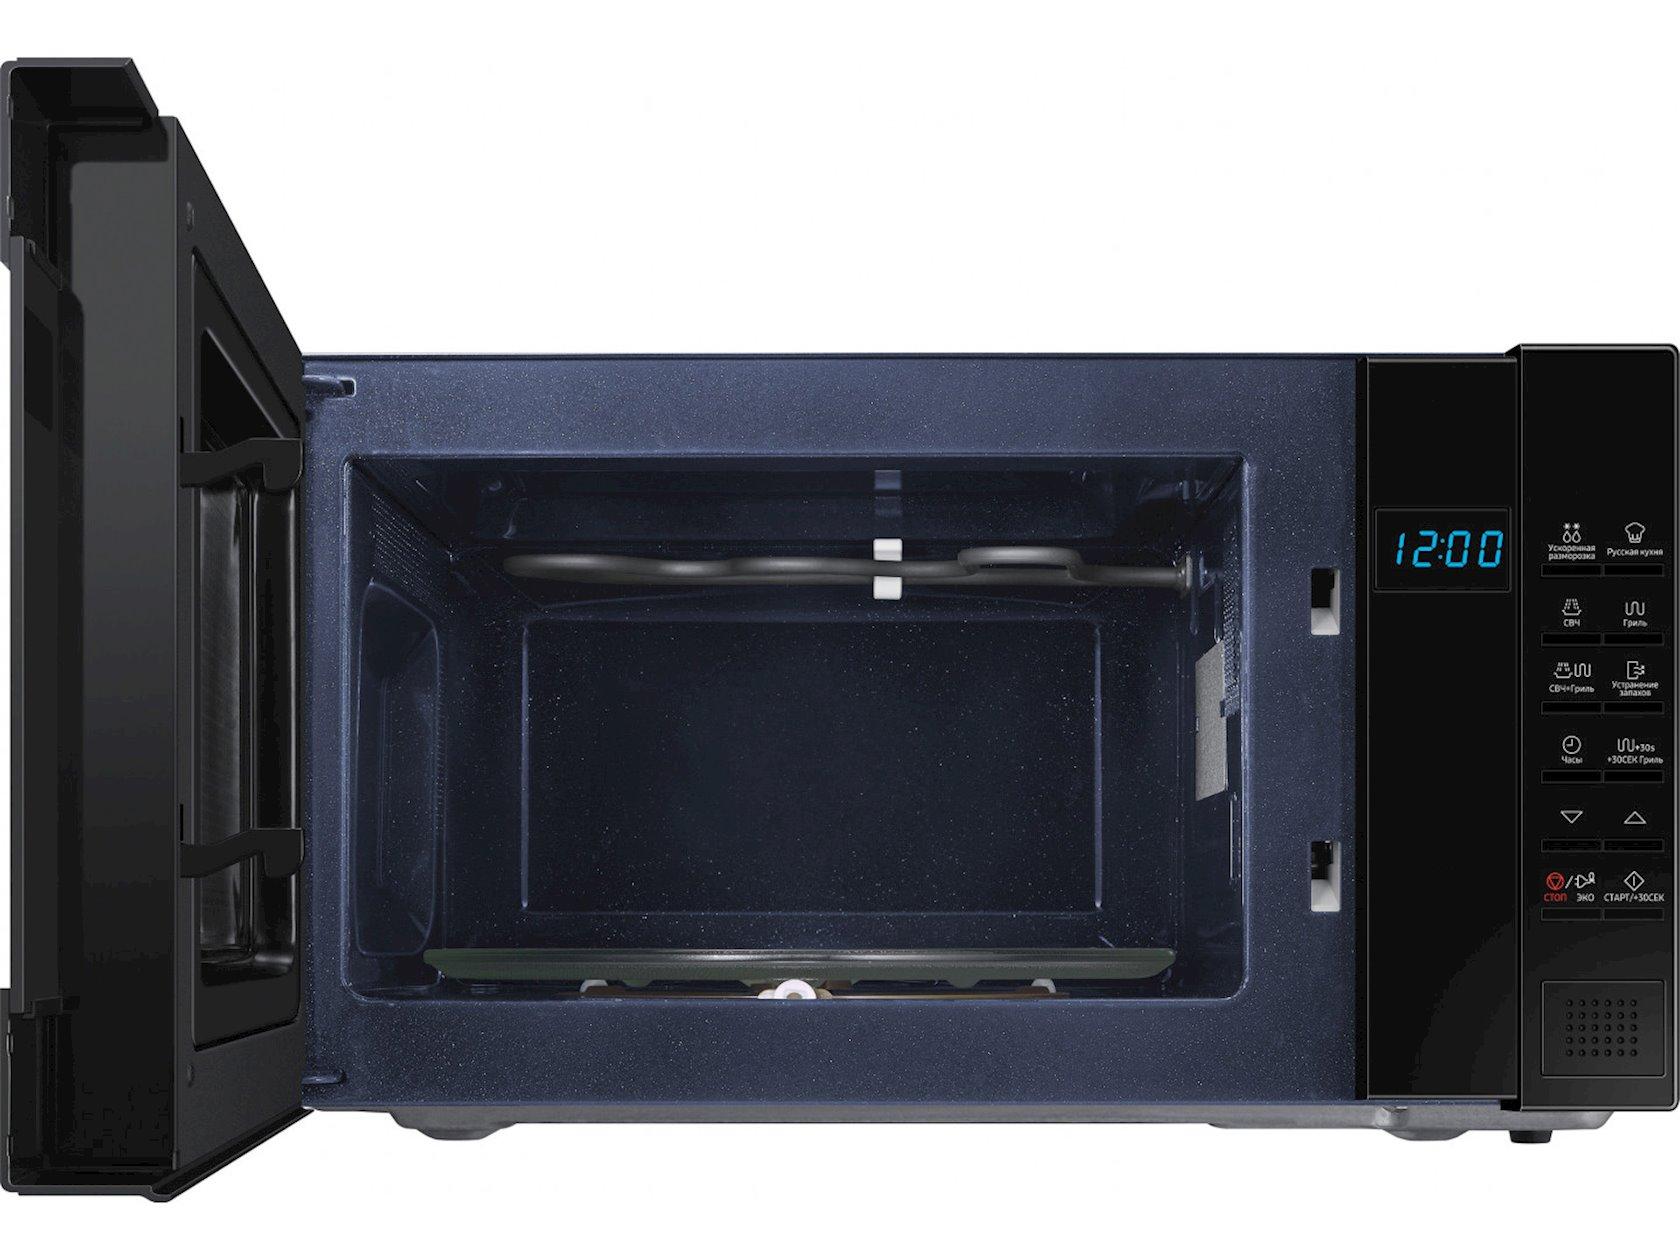 Микроволновая печь с грилем Samsung GE88SUB/BW